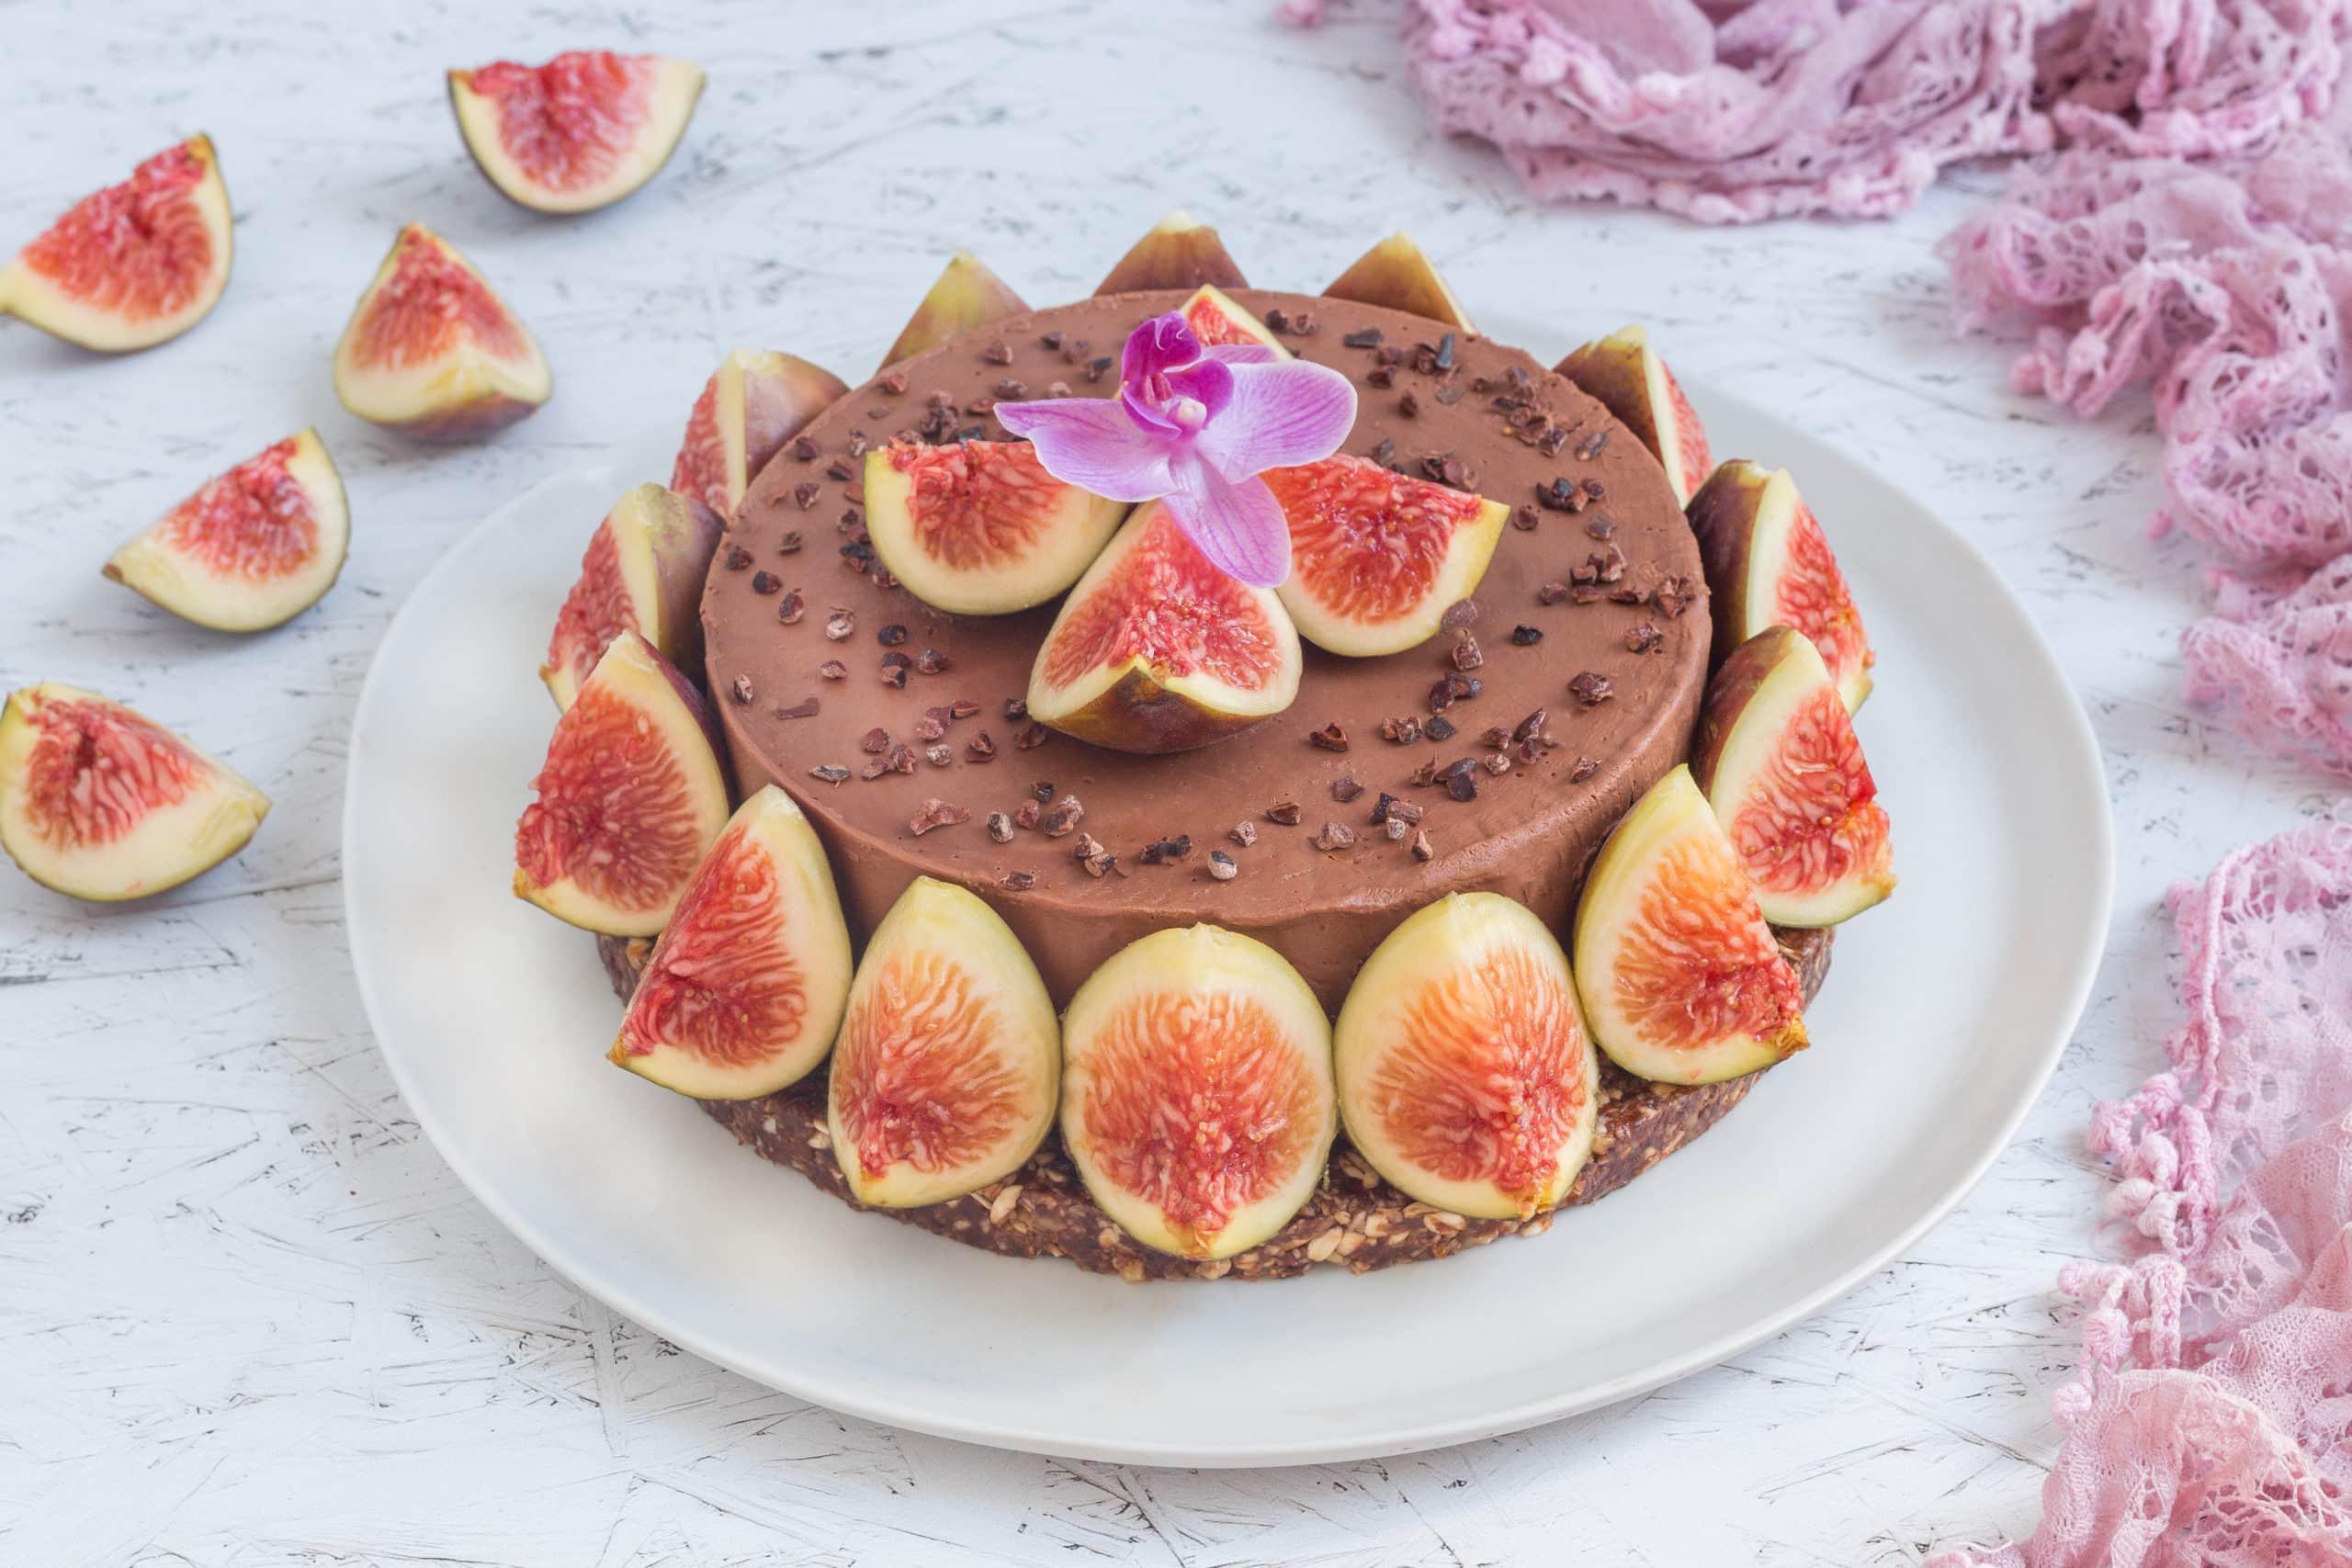 עוגת מוס מוקה טבעונית עם תאנים